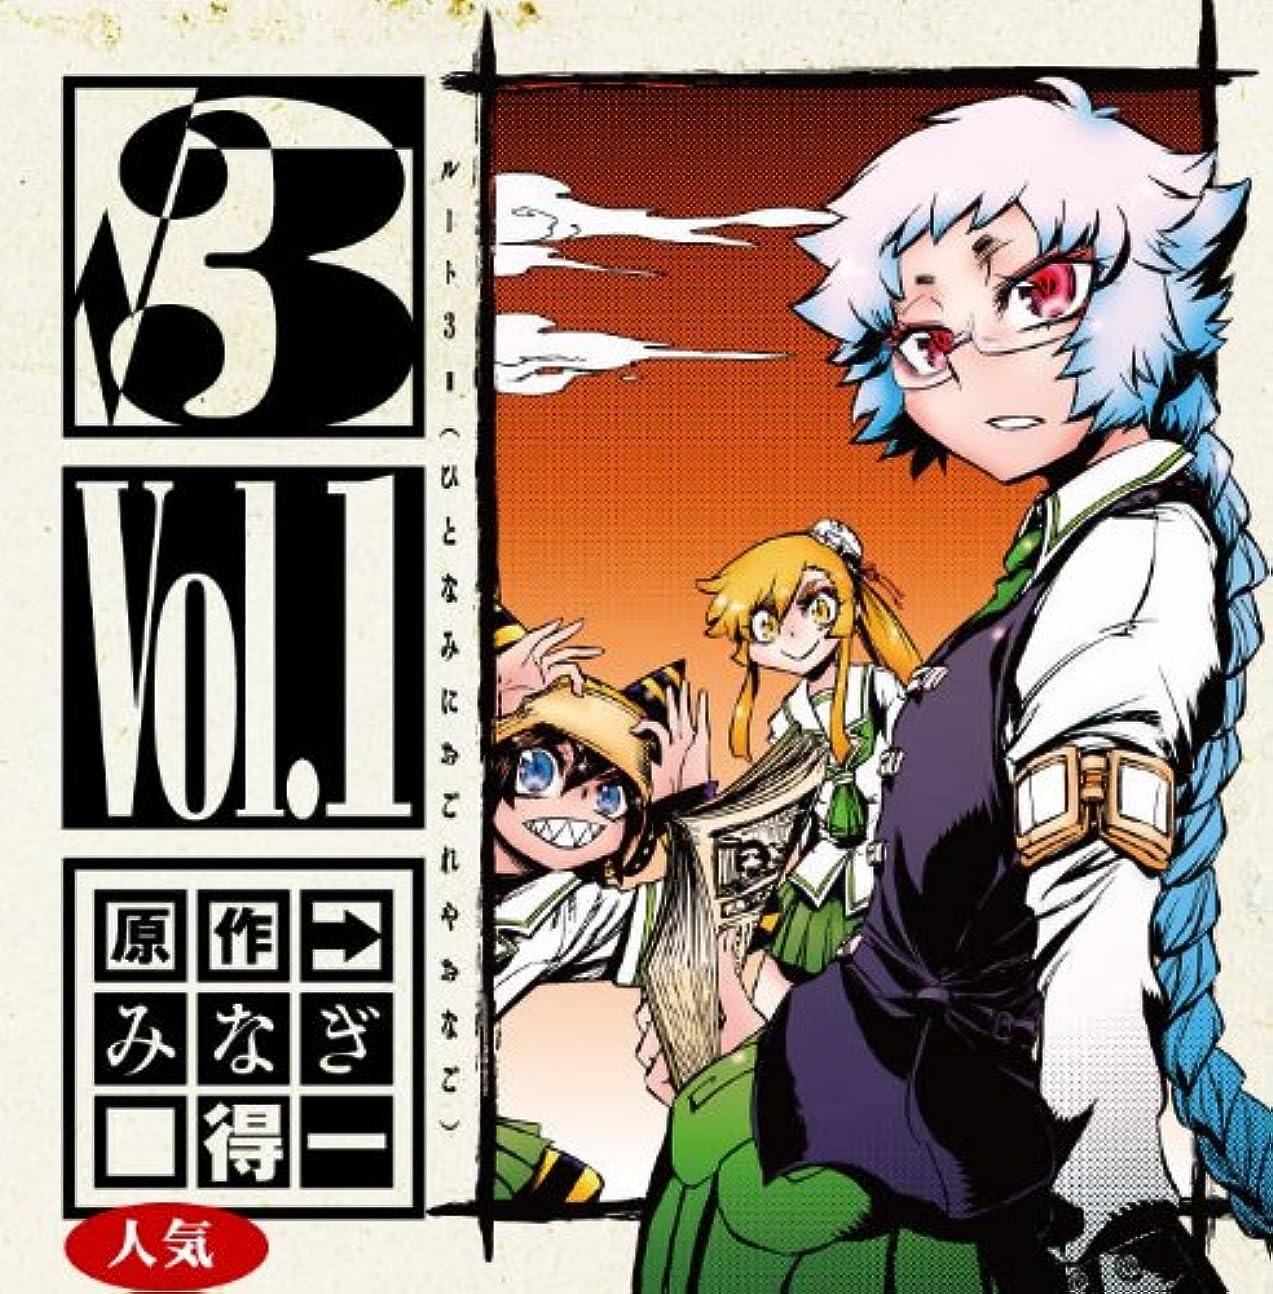 ハリケーンせっかち精算√3=(ひとなみにおごれやおなご)vol.1